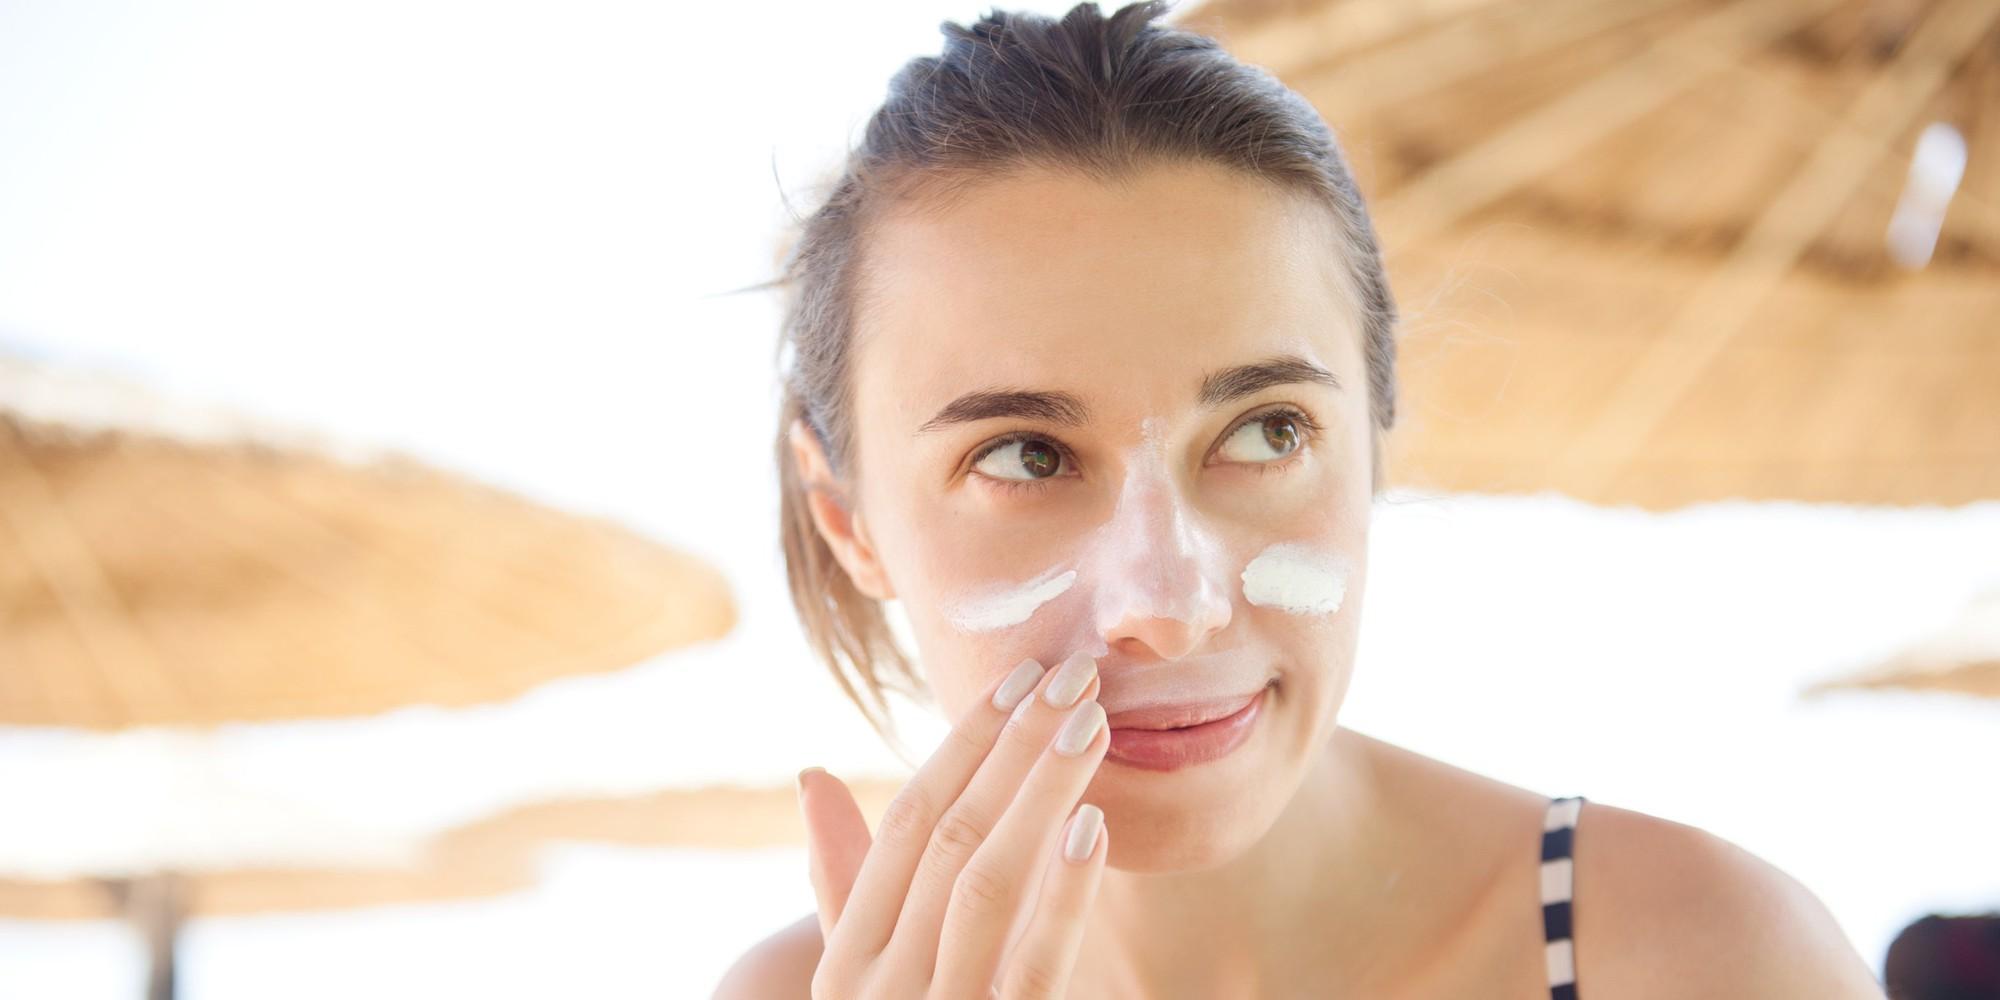 Lưu ý những điều này để làn da không bị tàn phá nghiêm trọng trong mùa hè - Ảnh 2.